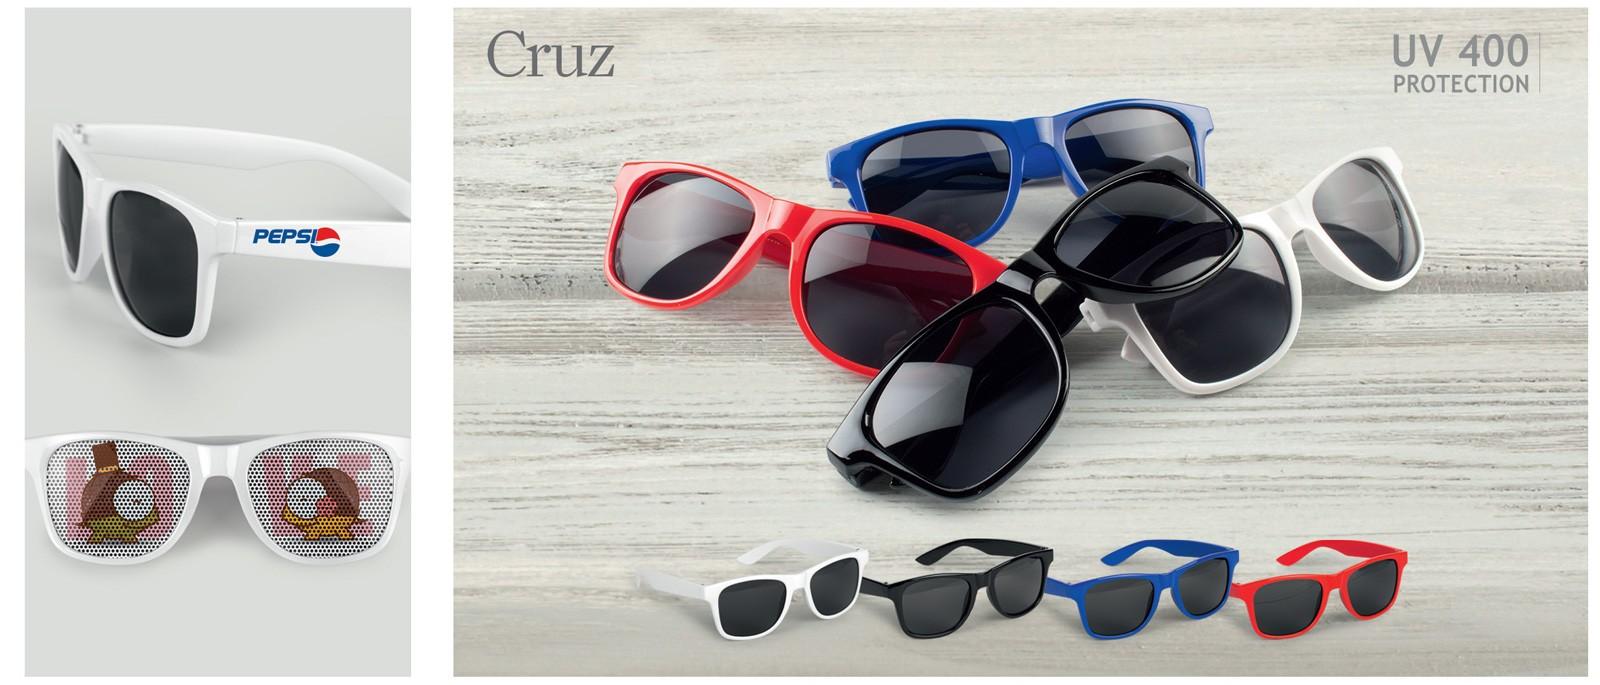 naočare za sunce - CRUZ